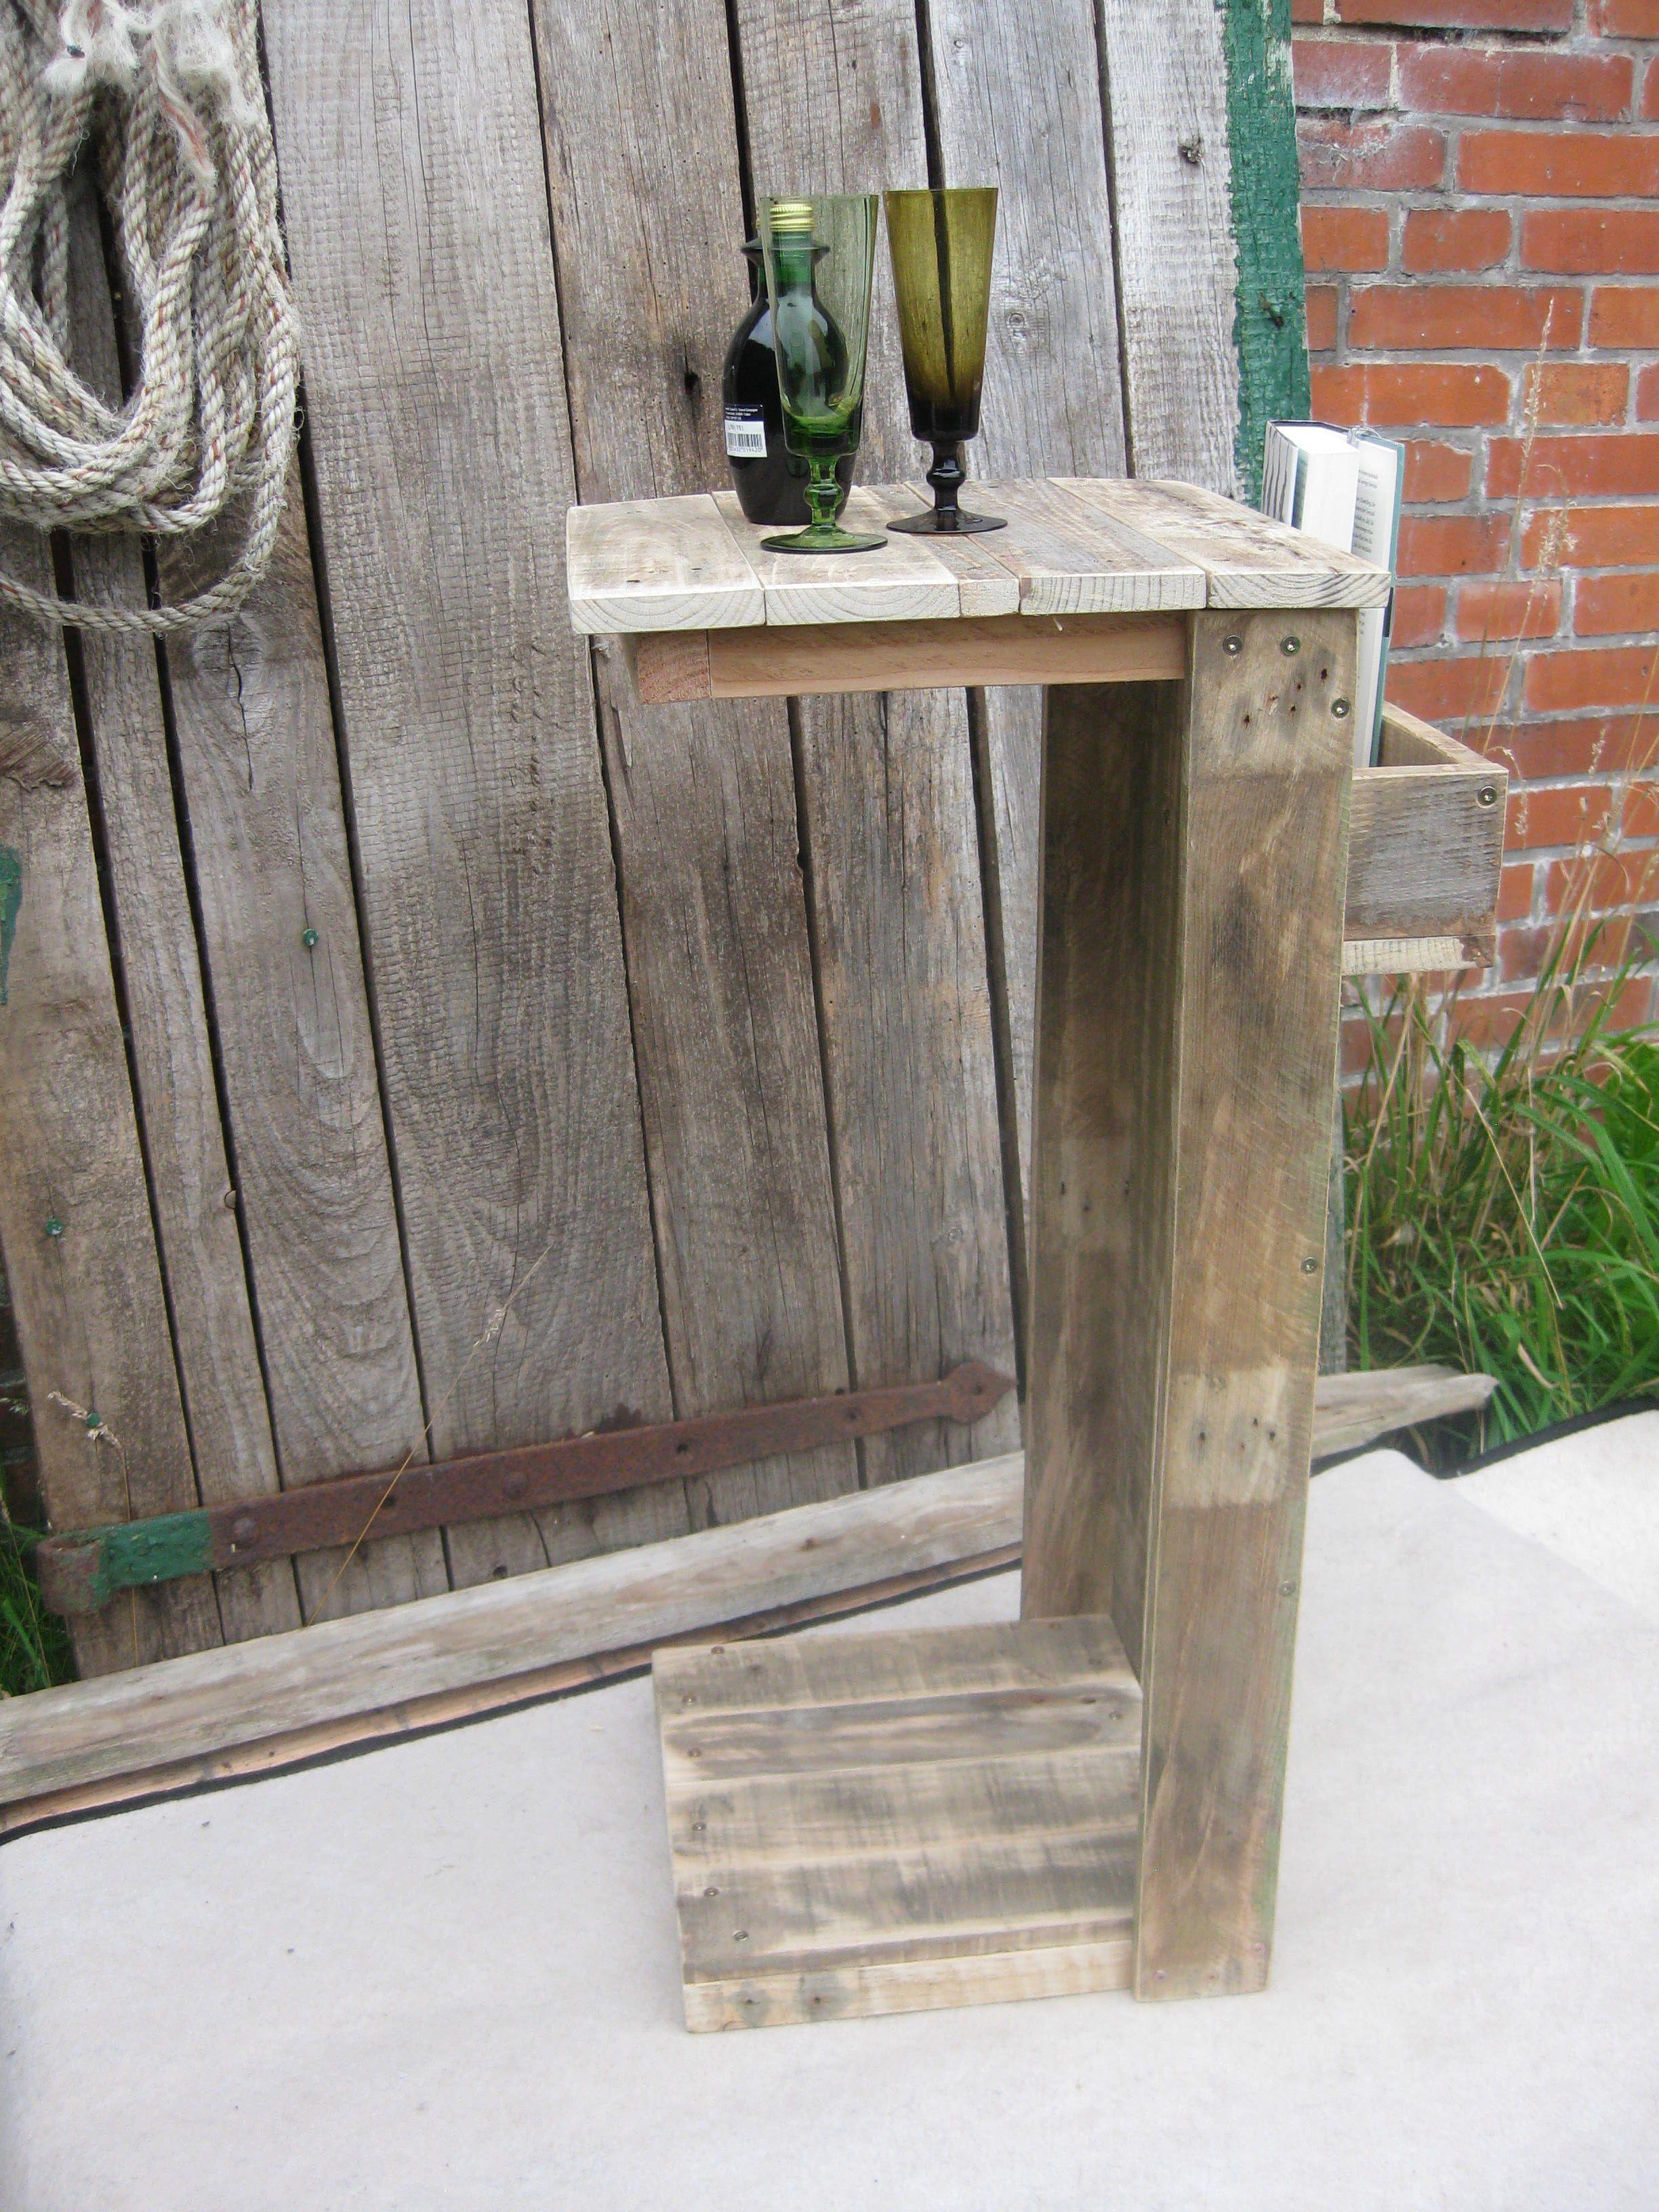 Stehtisch Aus Palettenholz Gebaut Upcycling Tisch Recycle Palett